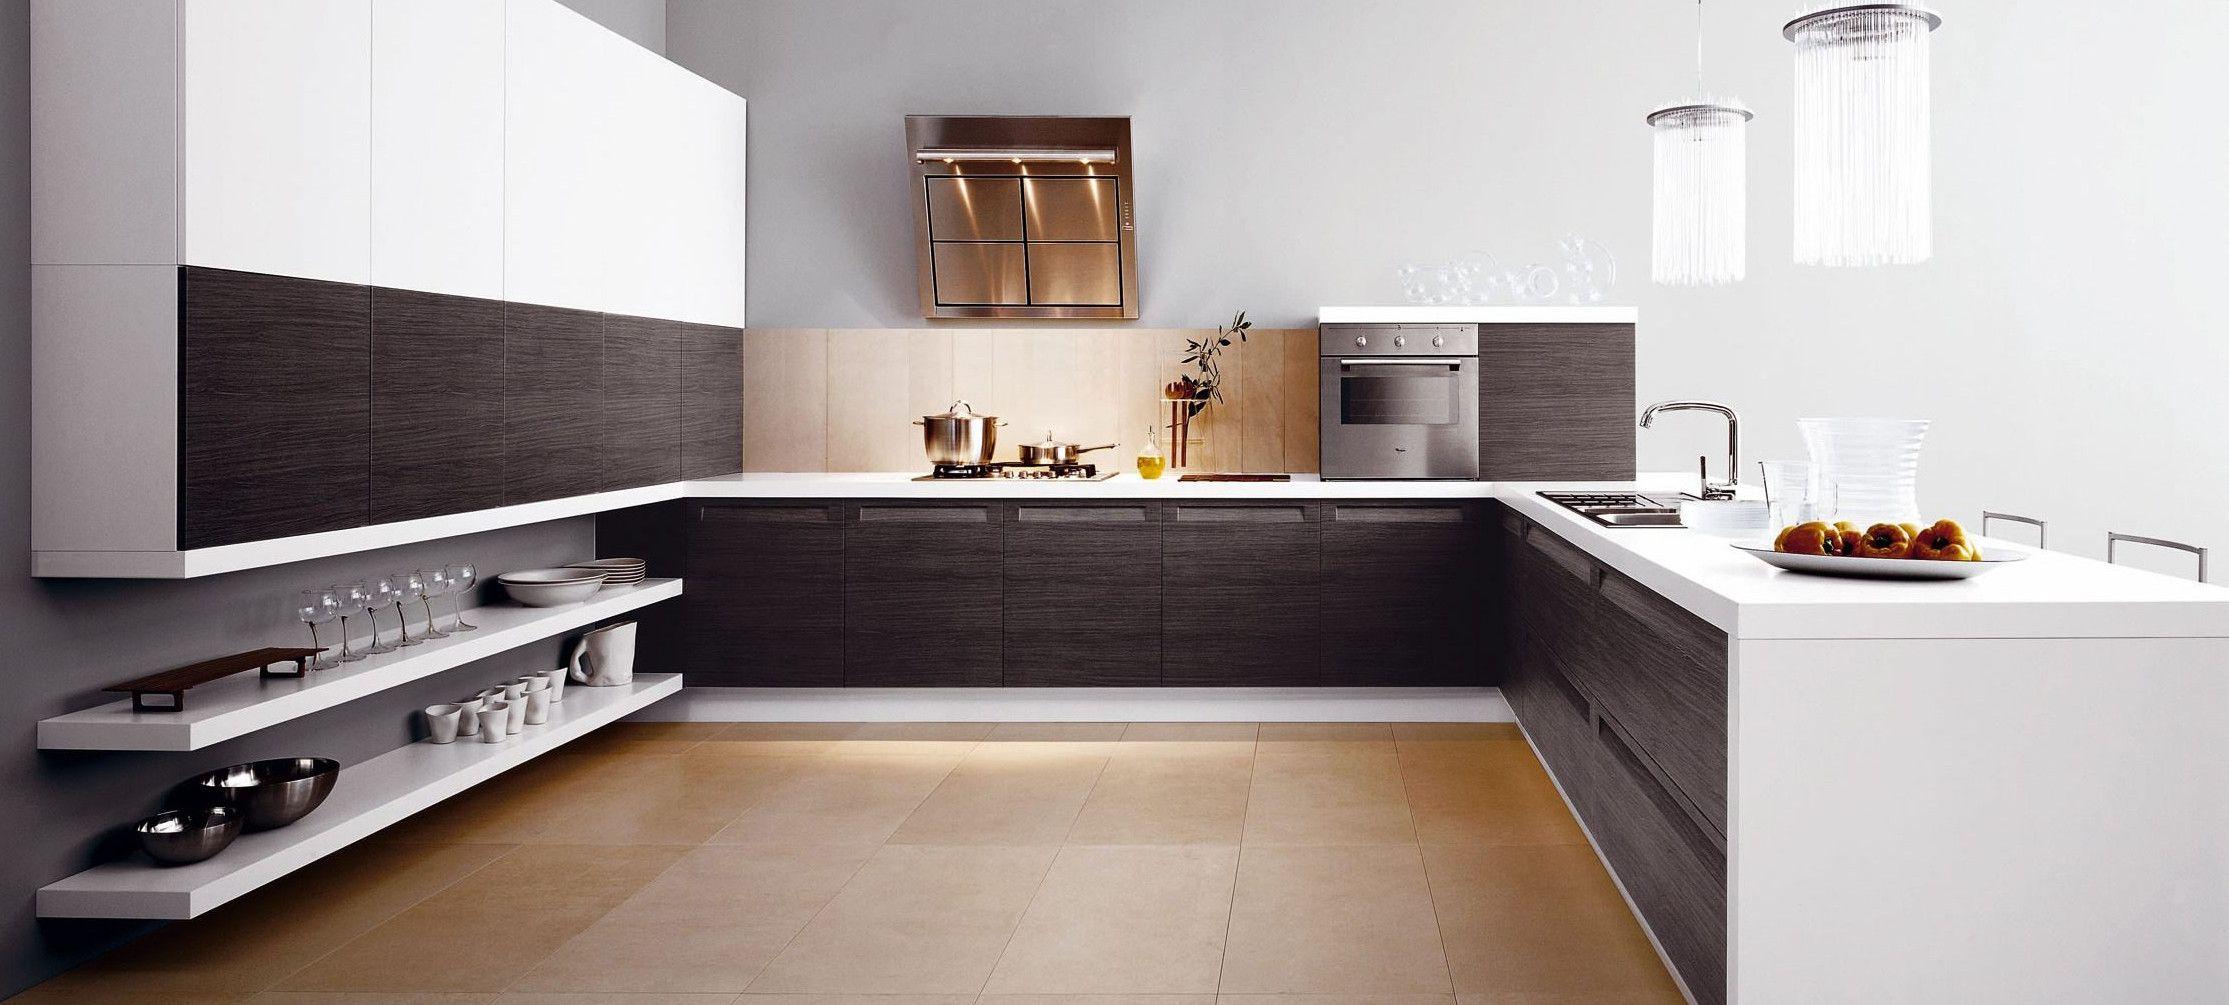 Diseño de Cocinas Modernas http://sistemamid.com/detalleNovedad.php ...